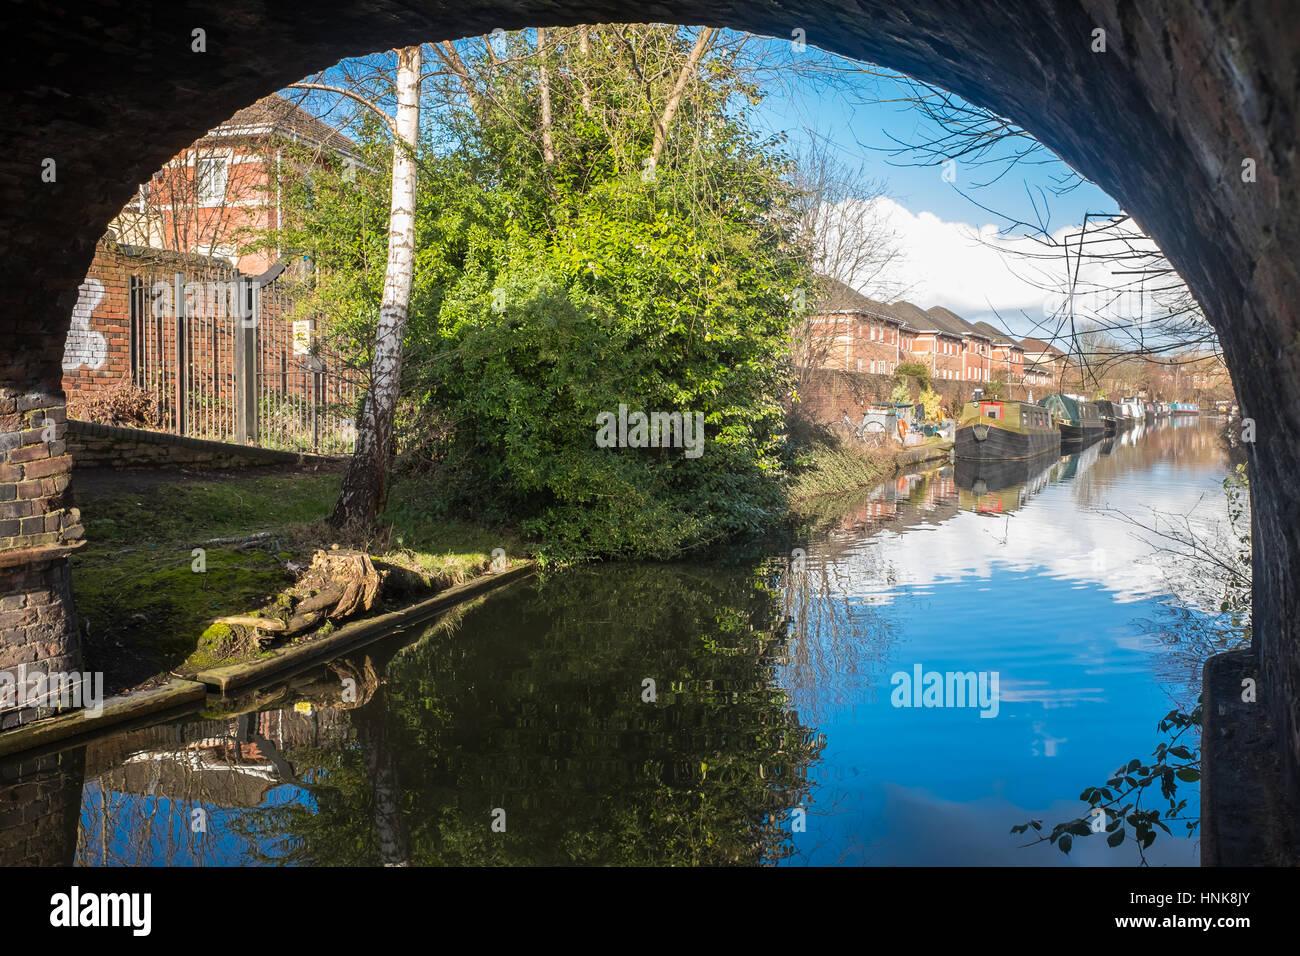 Hermosa vista del Canal de Birmingham con barcos de canal visto Imagen De Stock